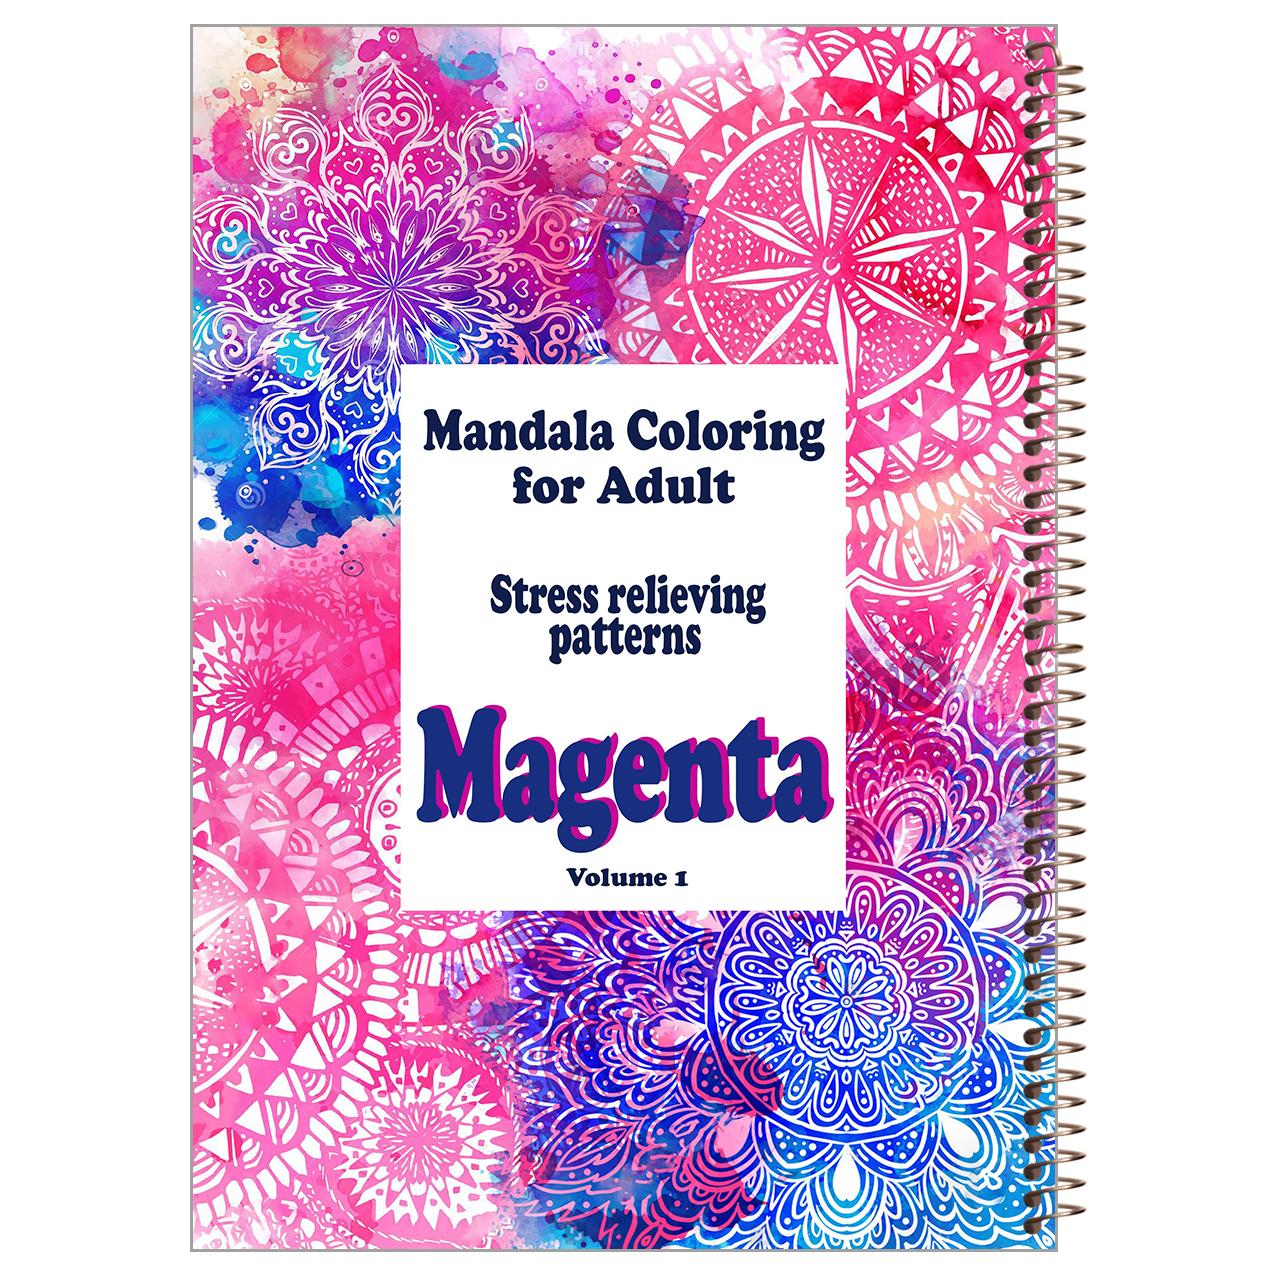 دفتر رنگ آمیزی مجنتا طرح ماندالا کد 1